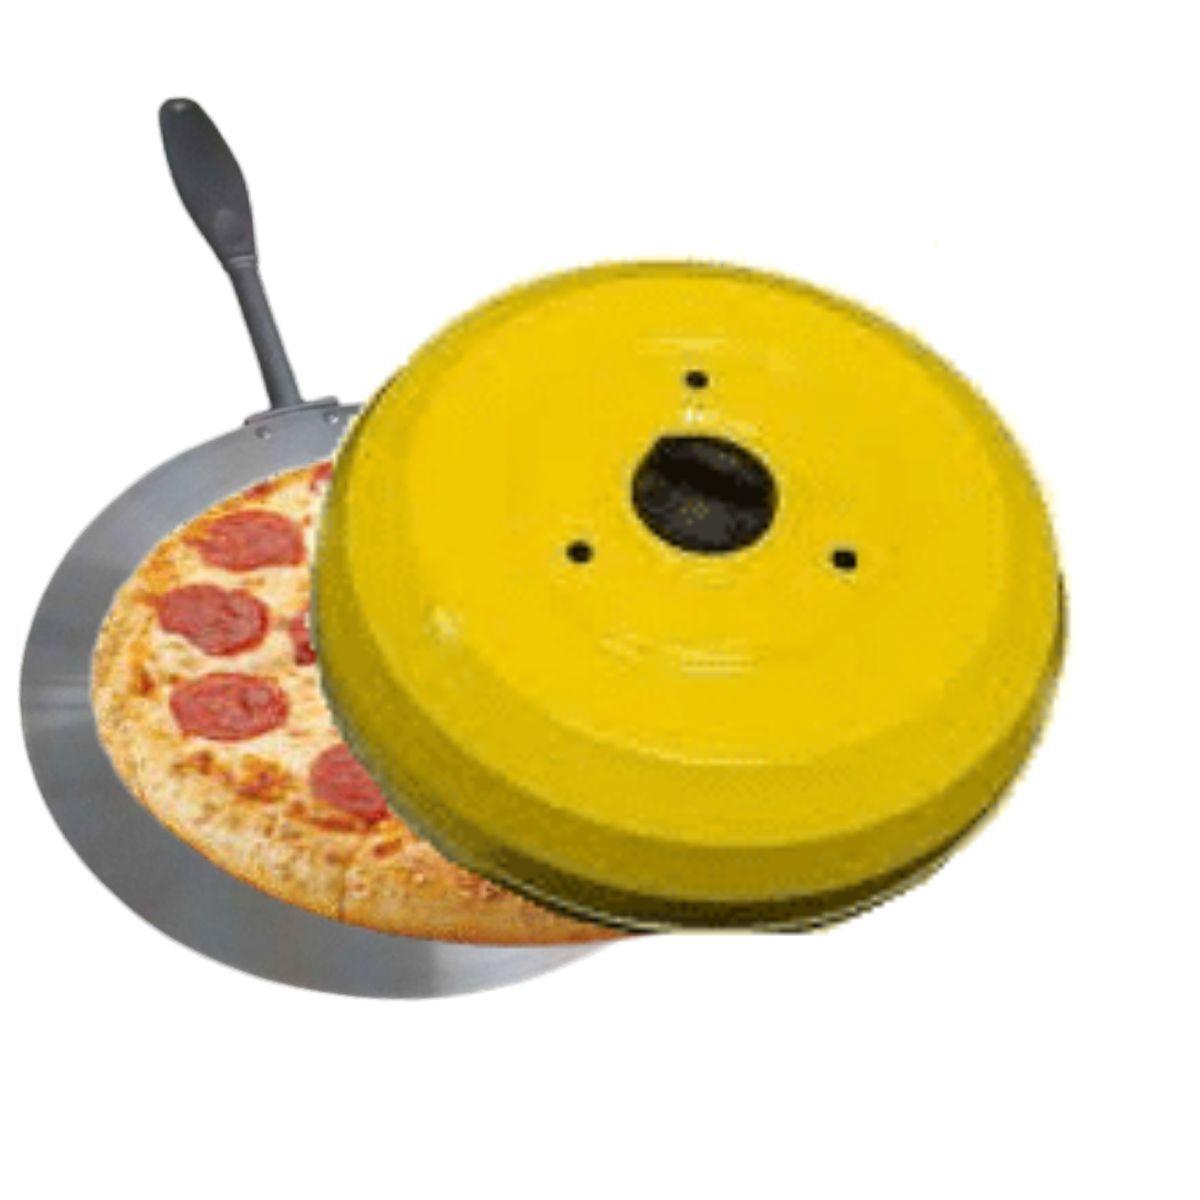 Kit Com Abafador De Pizza E Churrasco Profissional Amarelo E Forma De Pizza Cabo Longo E Reforçado